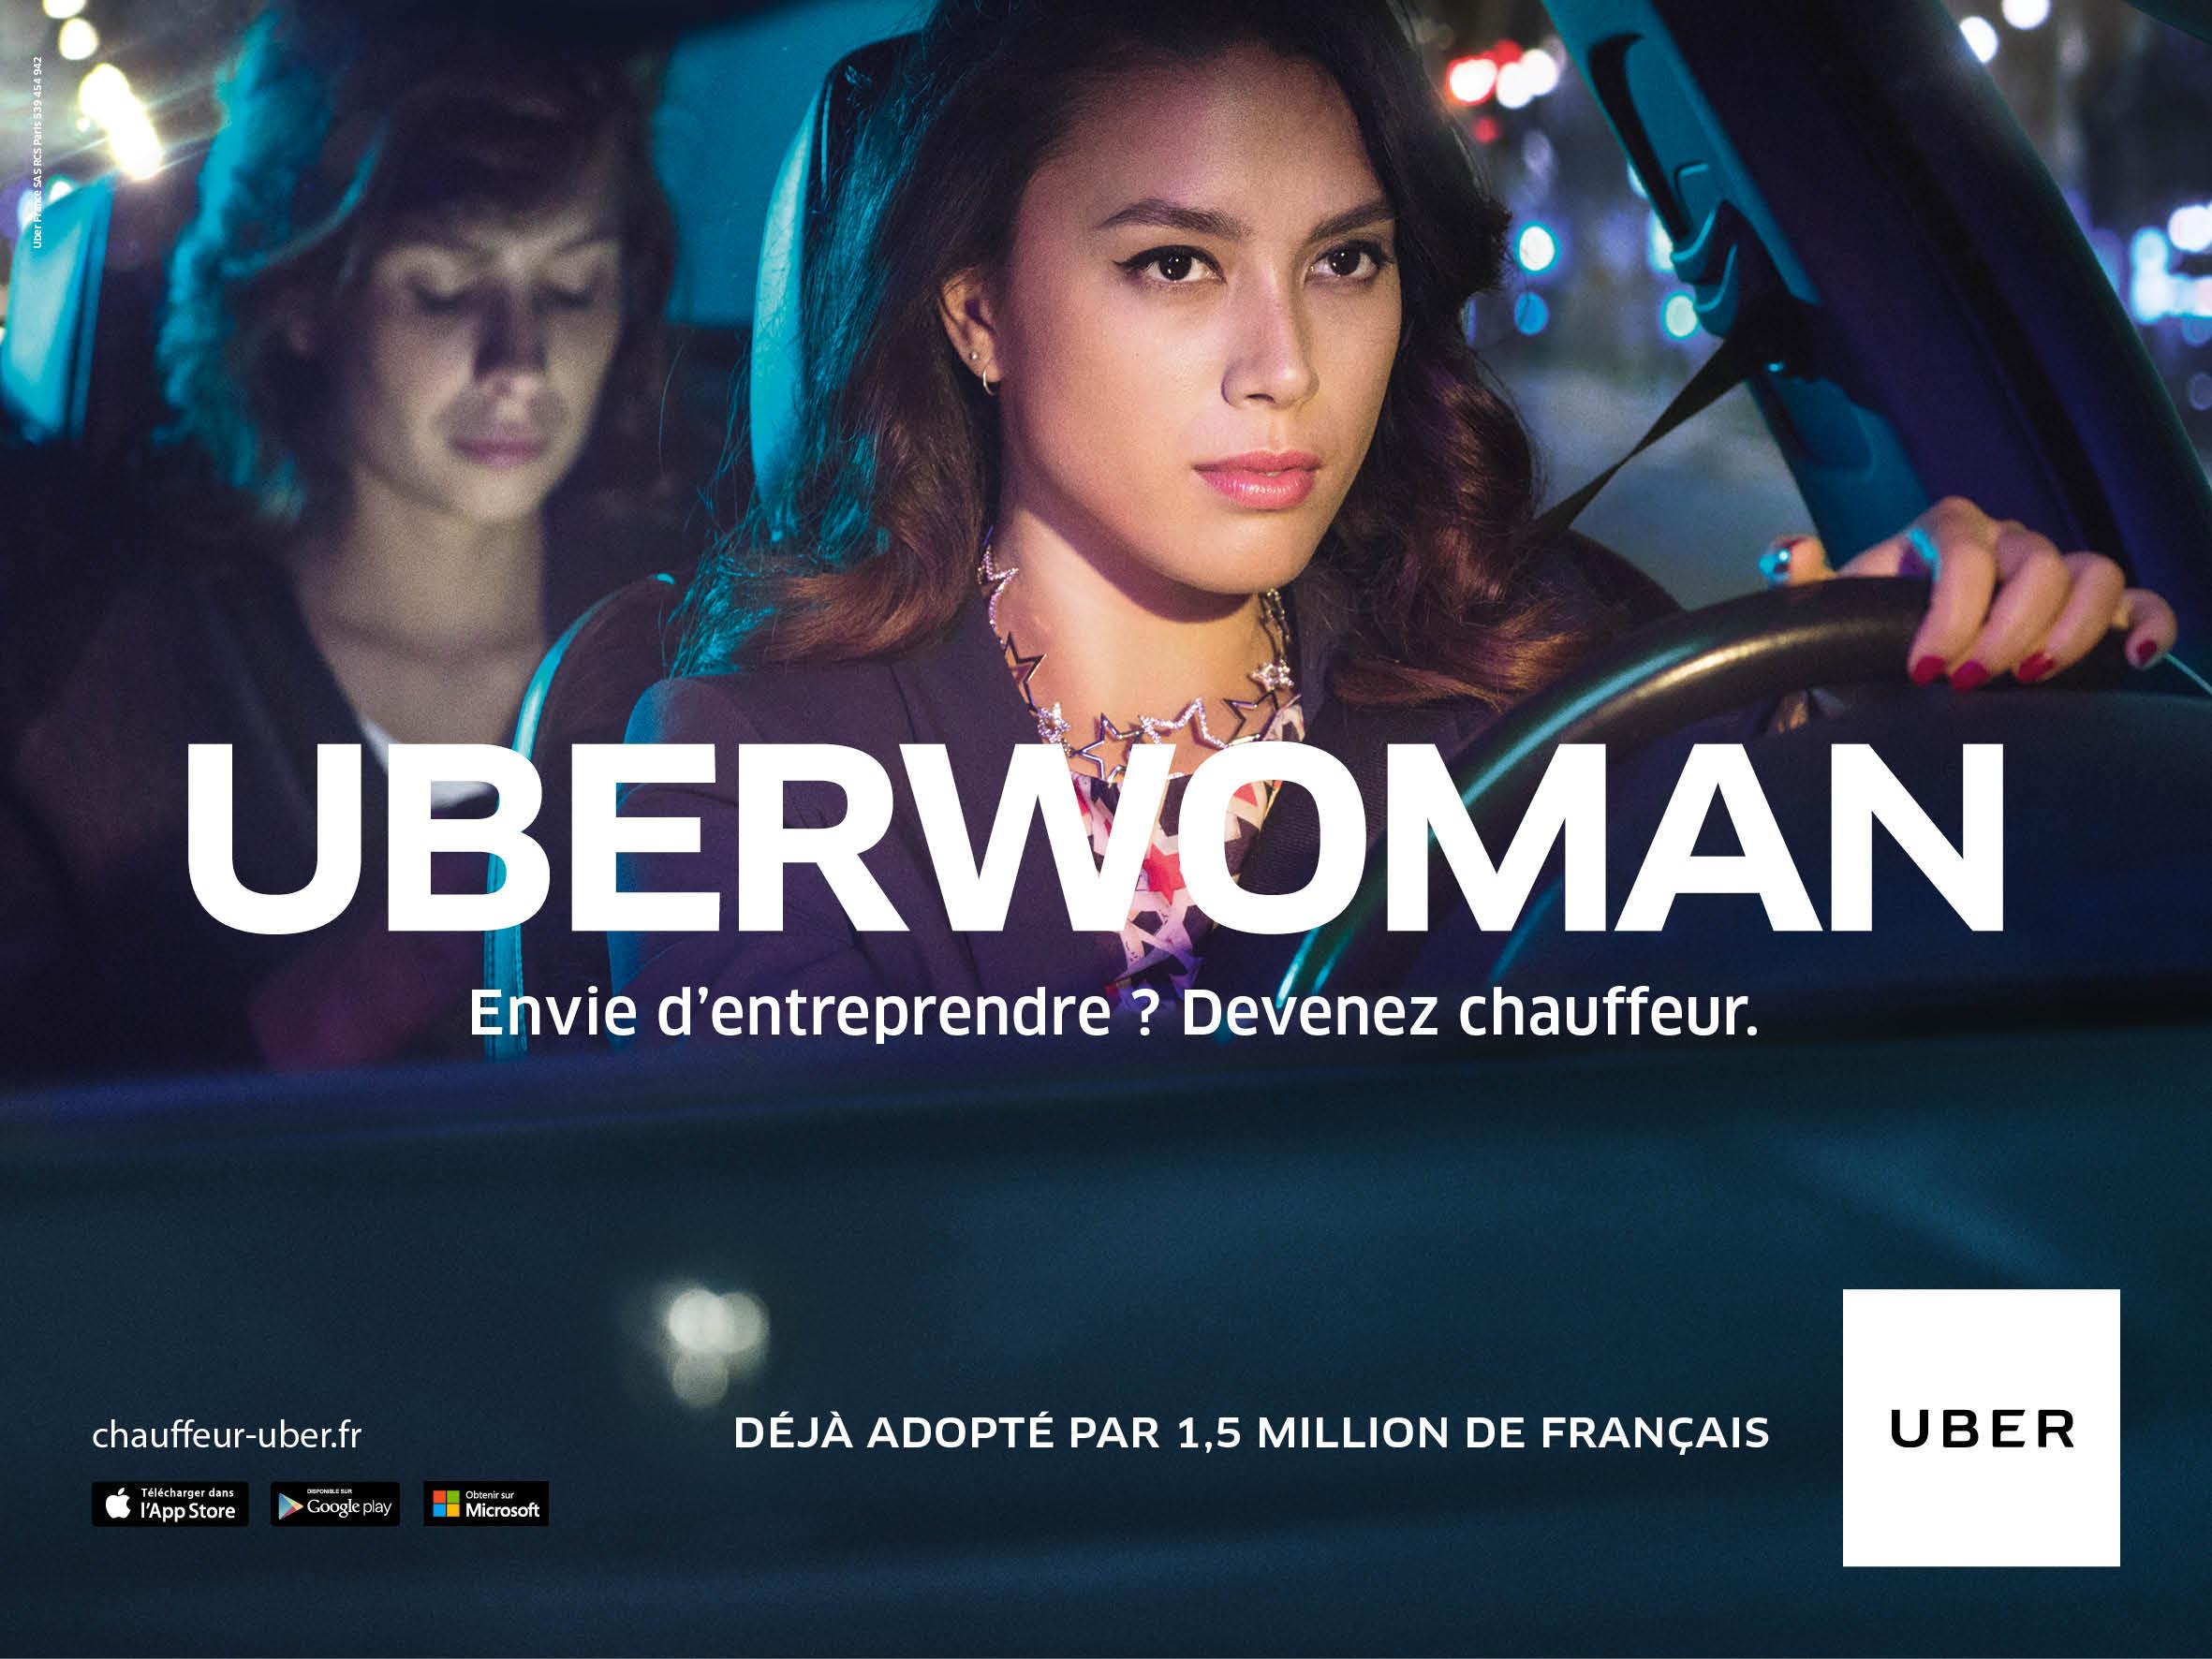 uber-france-publicite-marketing-recrutement-chauffeurs-partenaires-mars-2016-agence-marcel-publicis-4